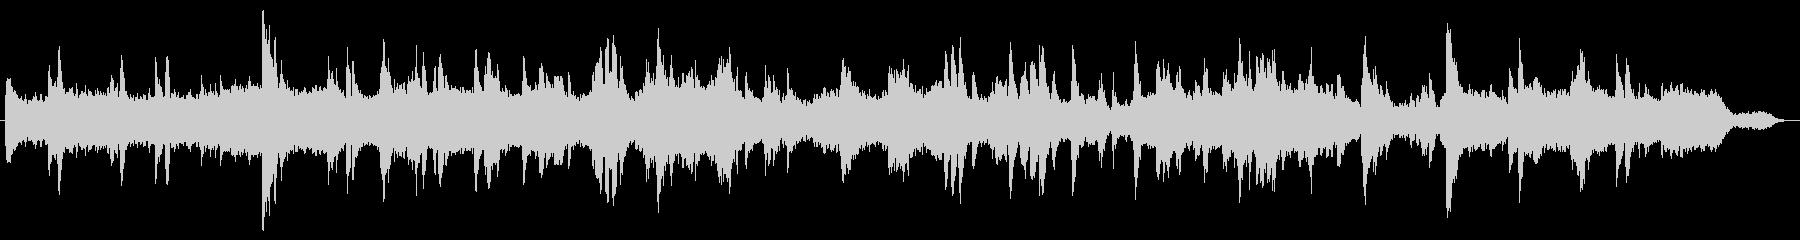 爽やかな音色がリラックス効果を発揮しますの未再生の波形